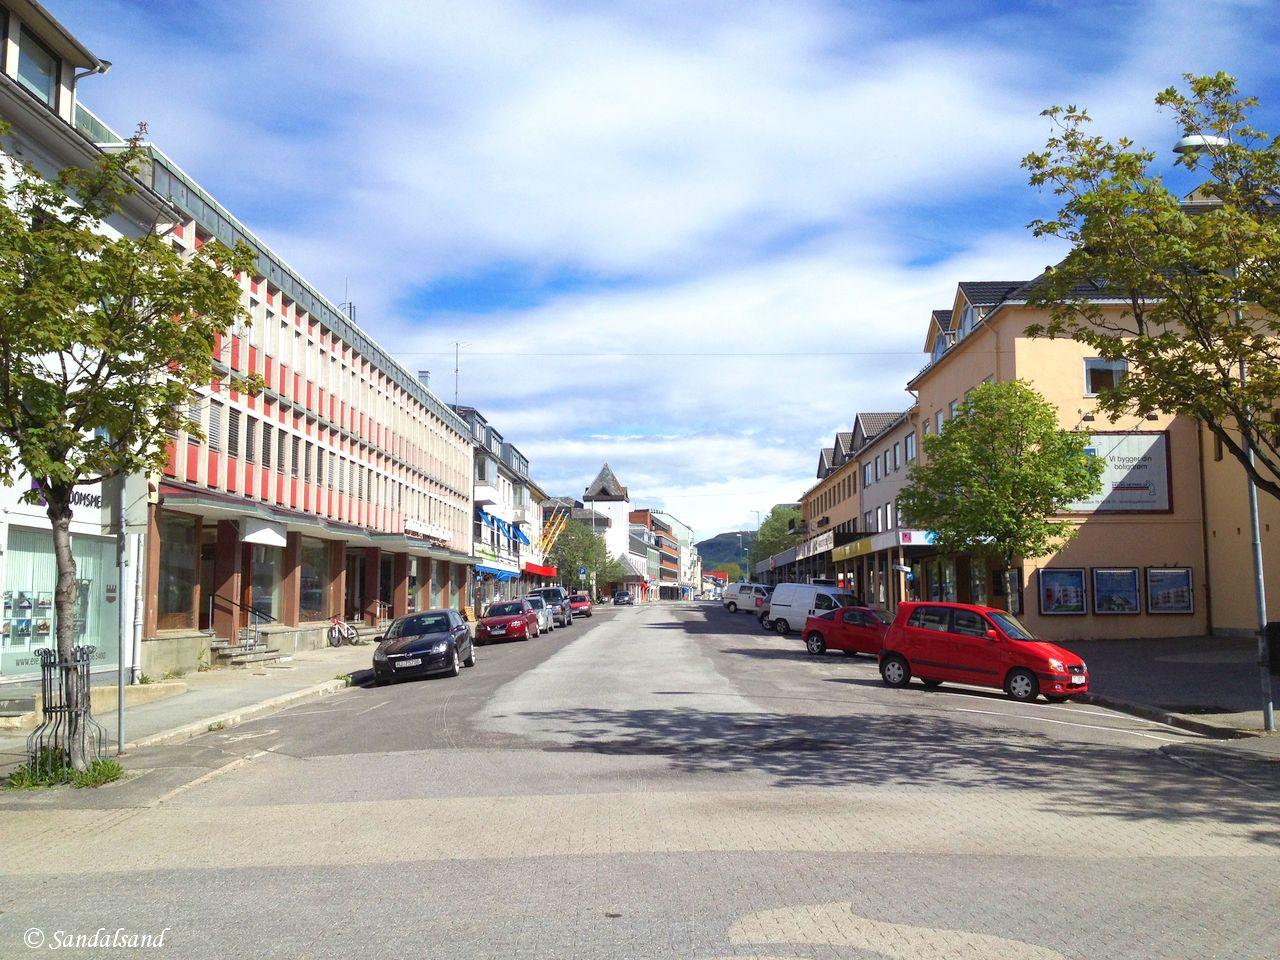 Norway - Nordland - Bodø